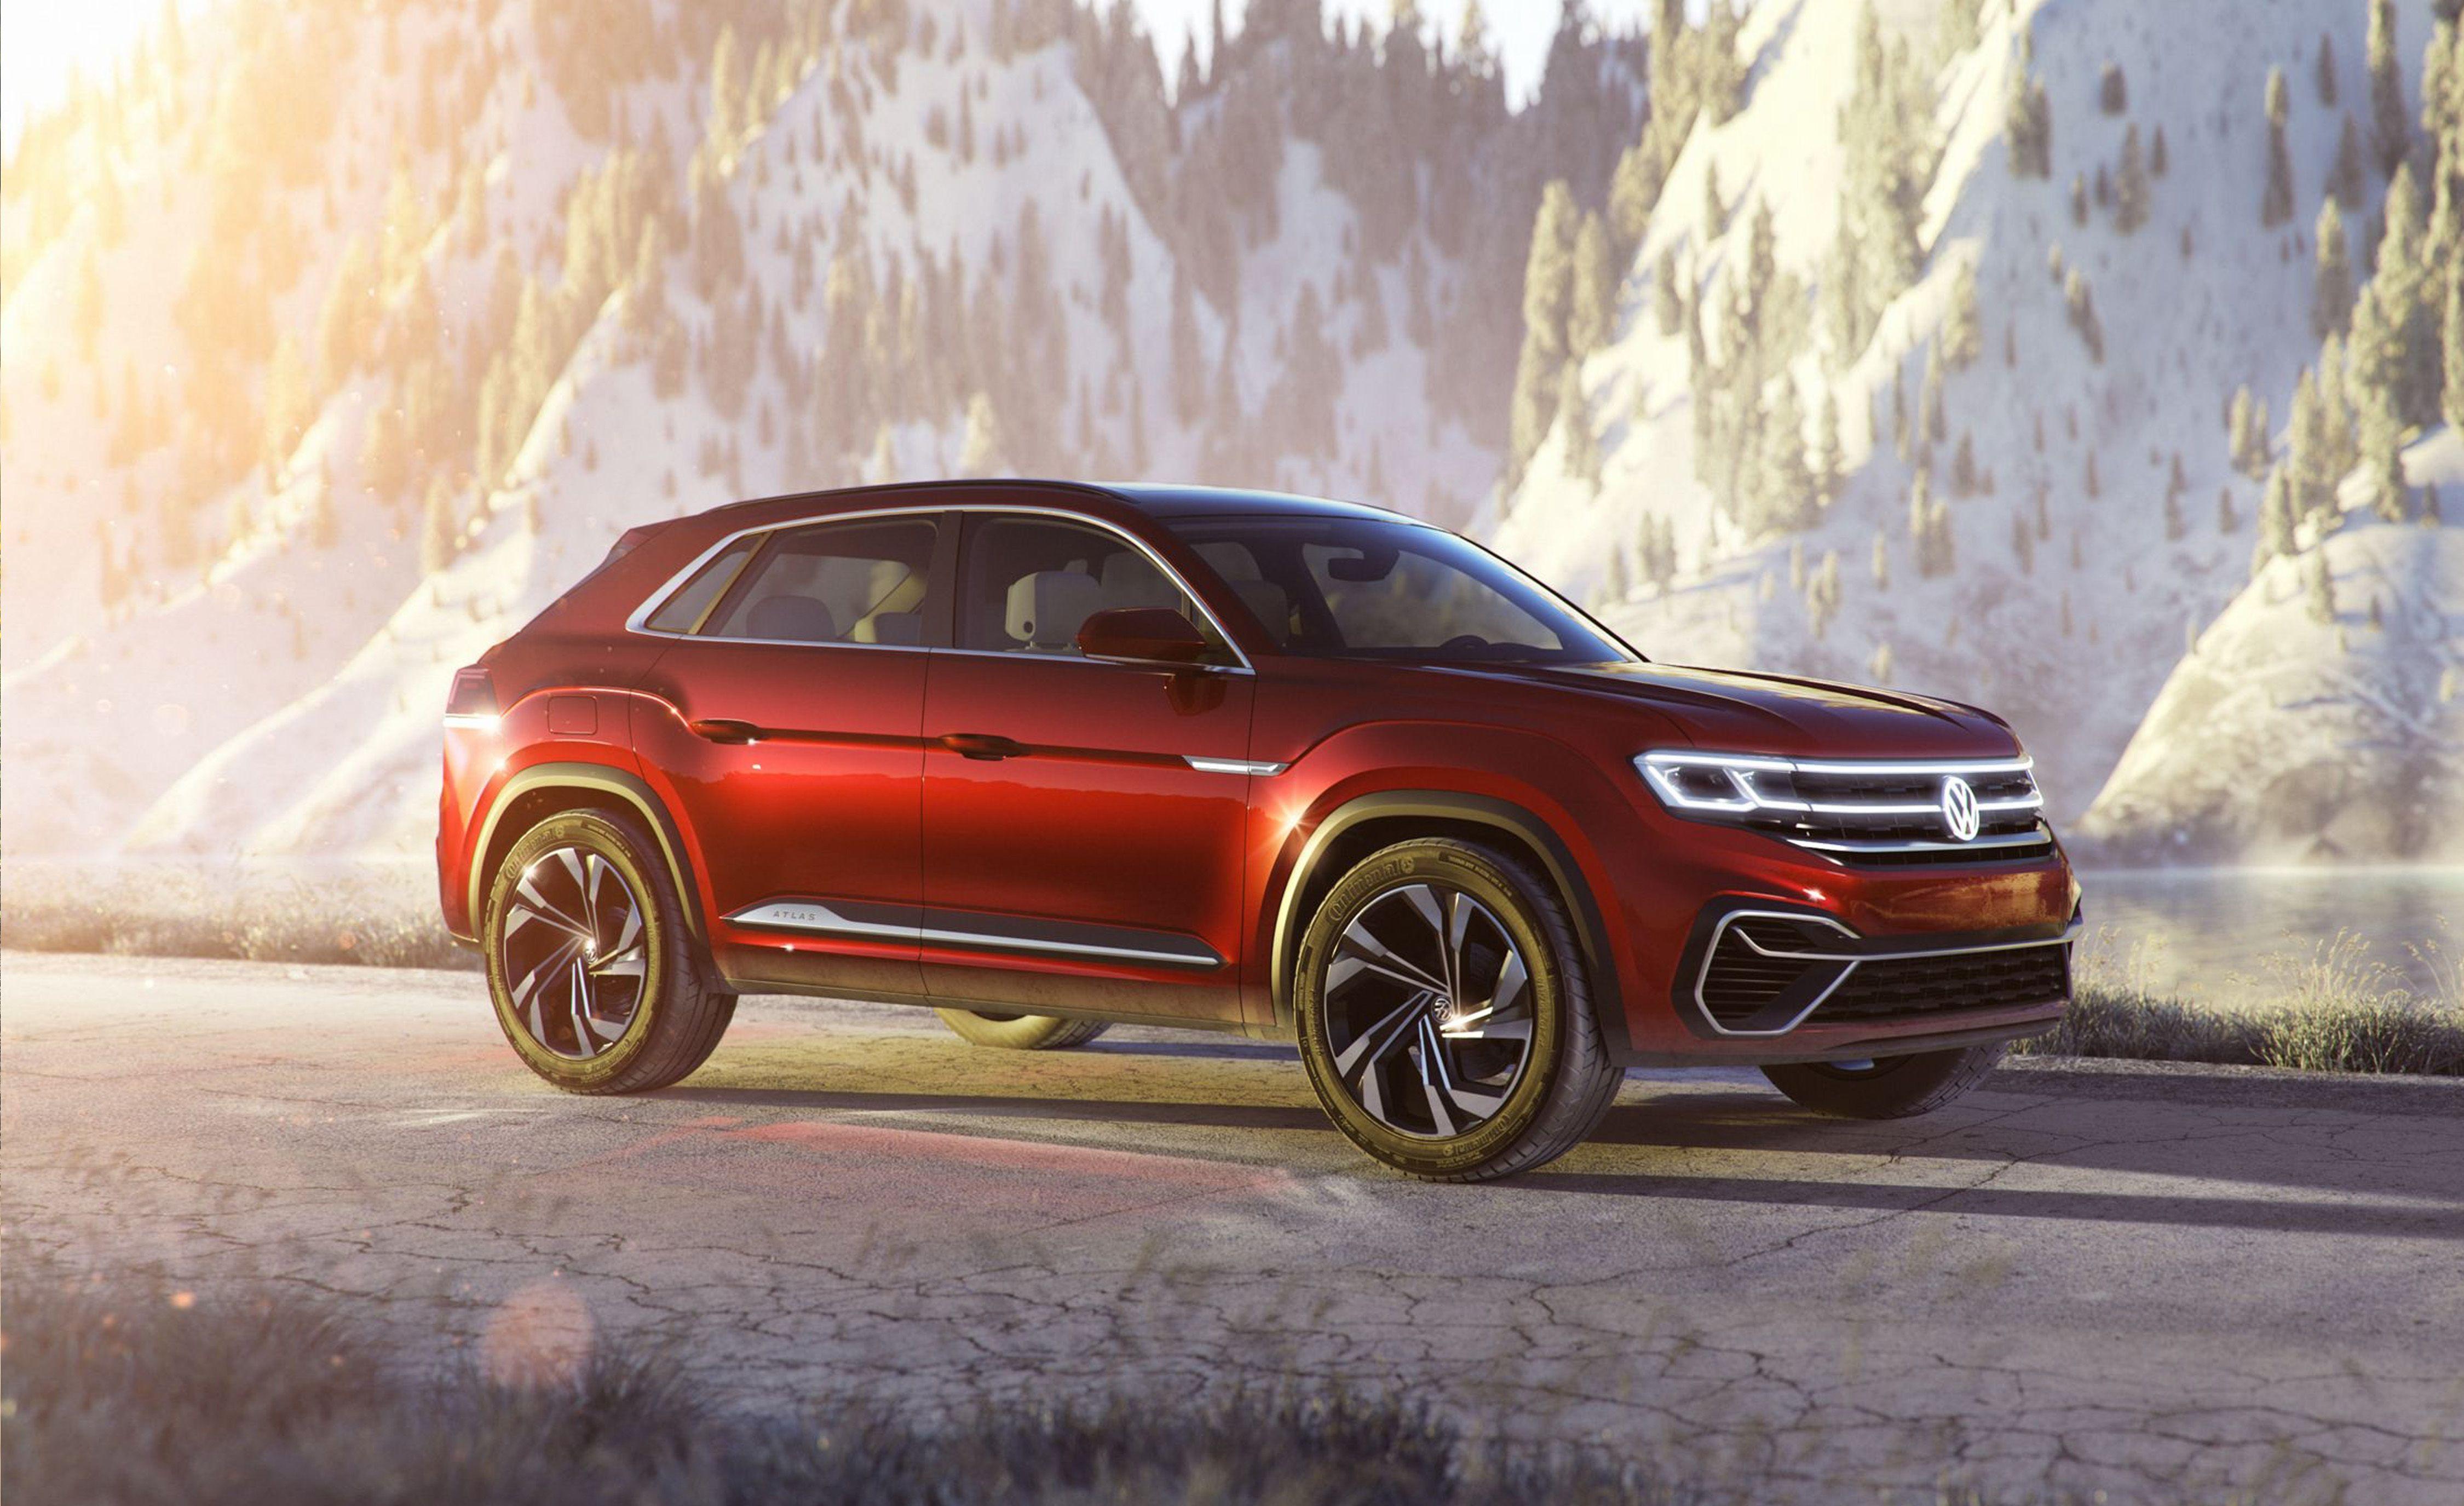 2020 Volkswagen Atlas Cross Sport to Get New Tech, Will